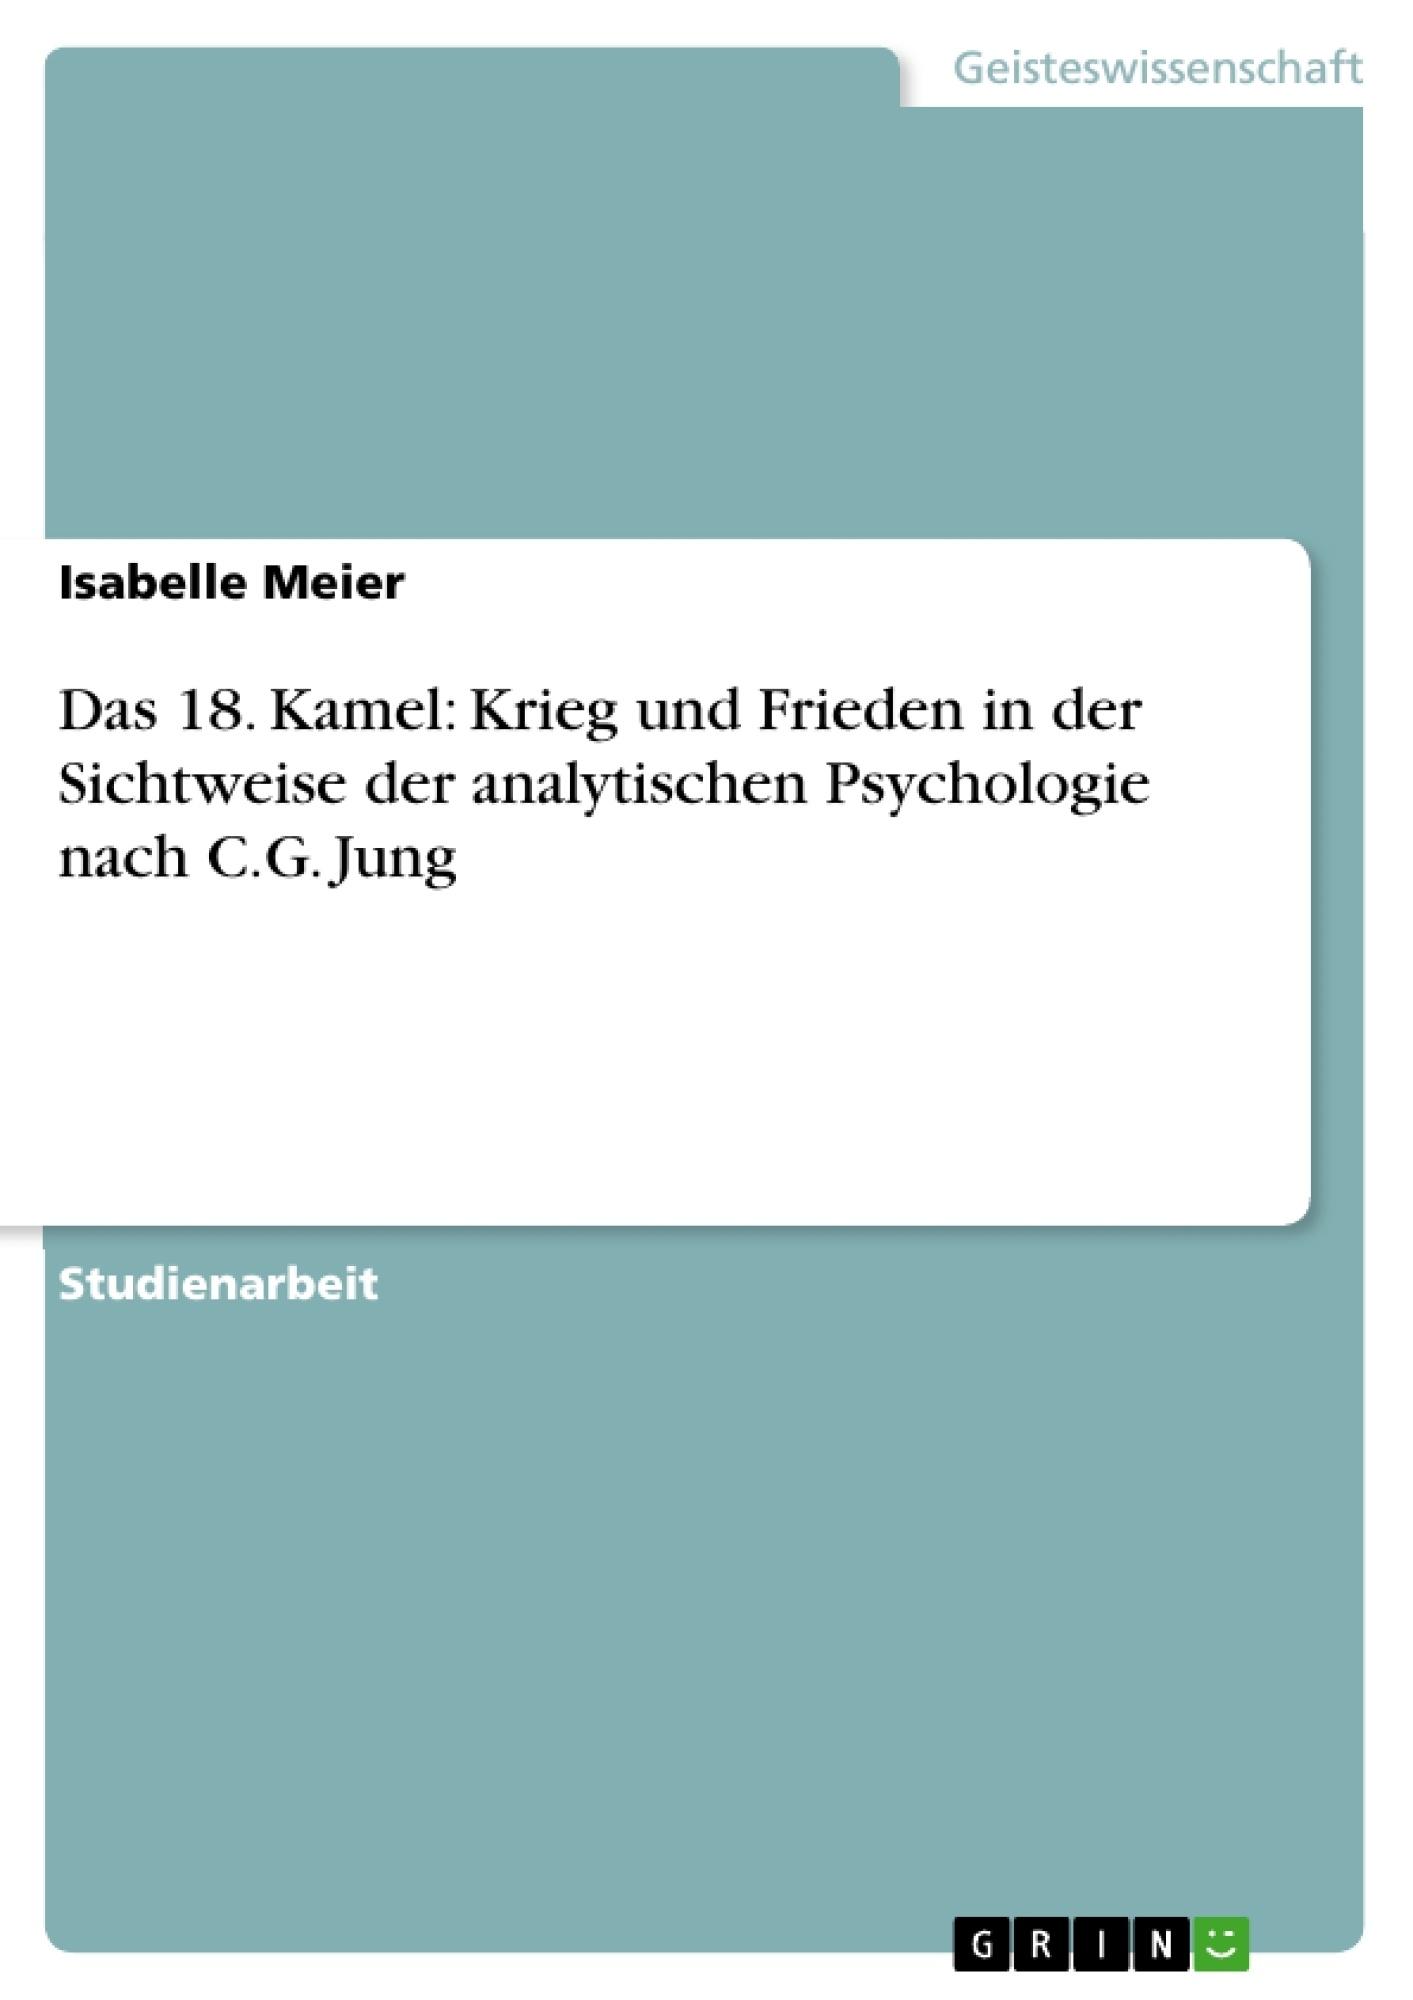 Titel: Das 18. Kamel: Krieg und Frieden in der Sichtweise der analytischen Psychologie nach C.G. Jung